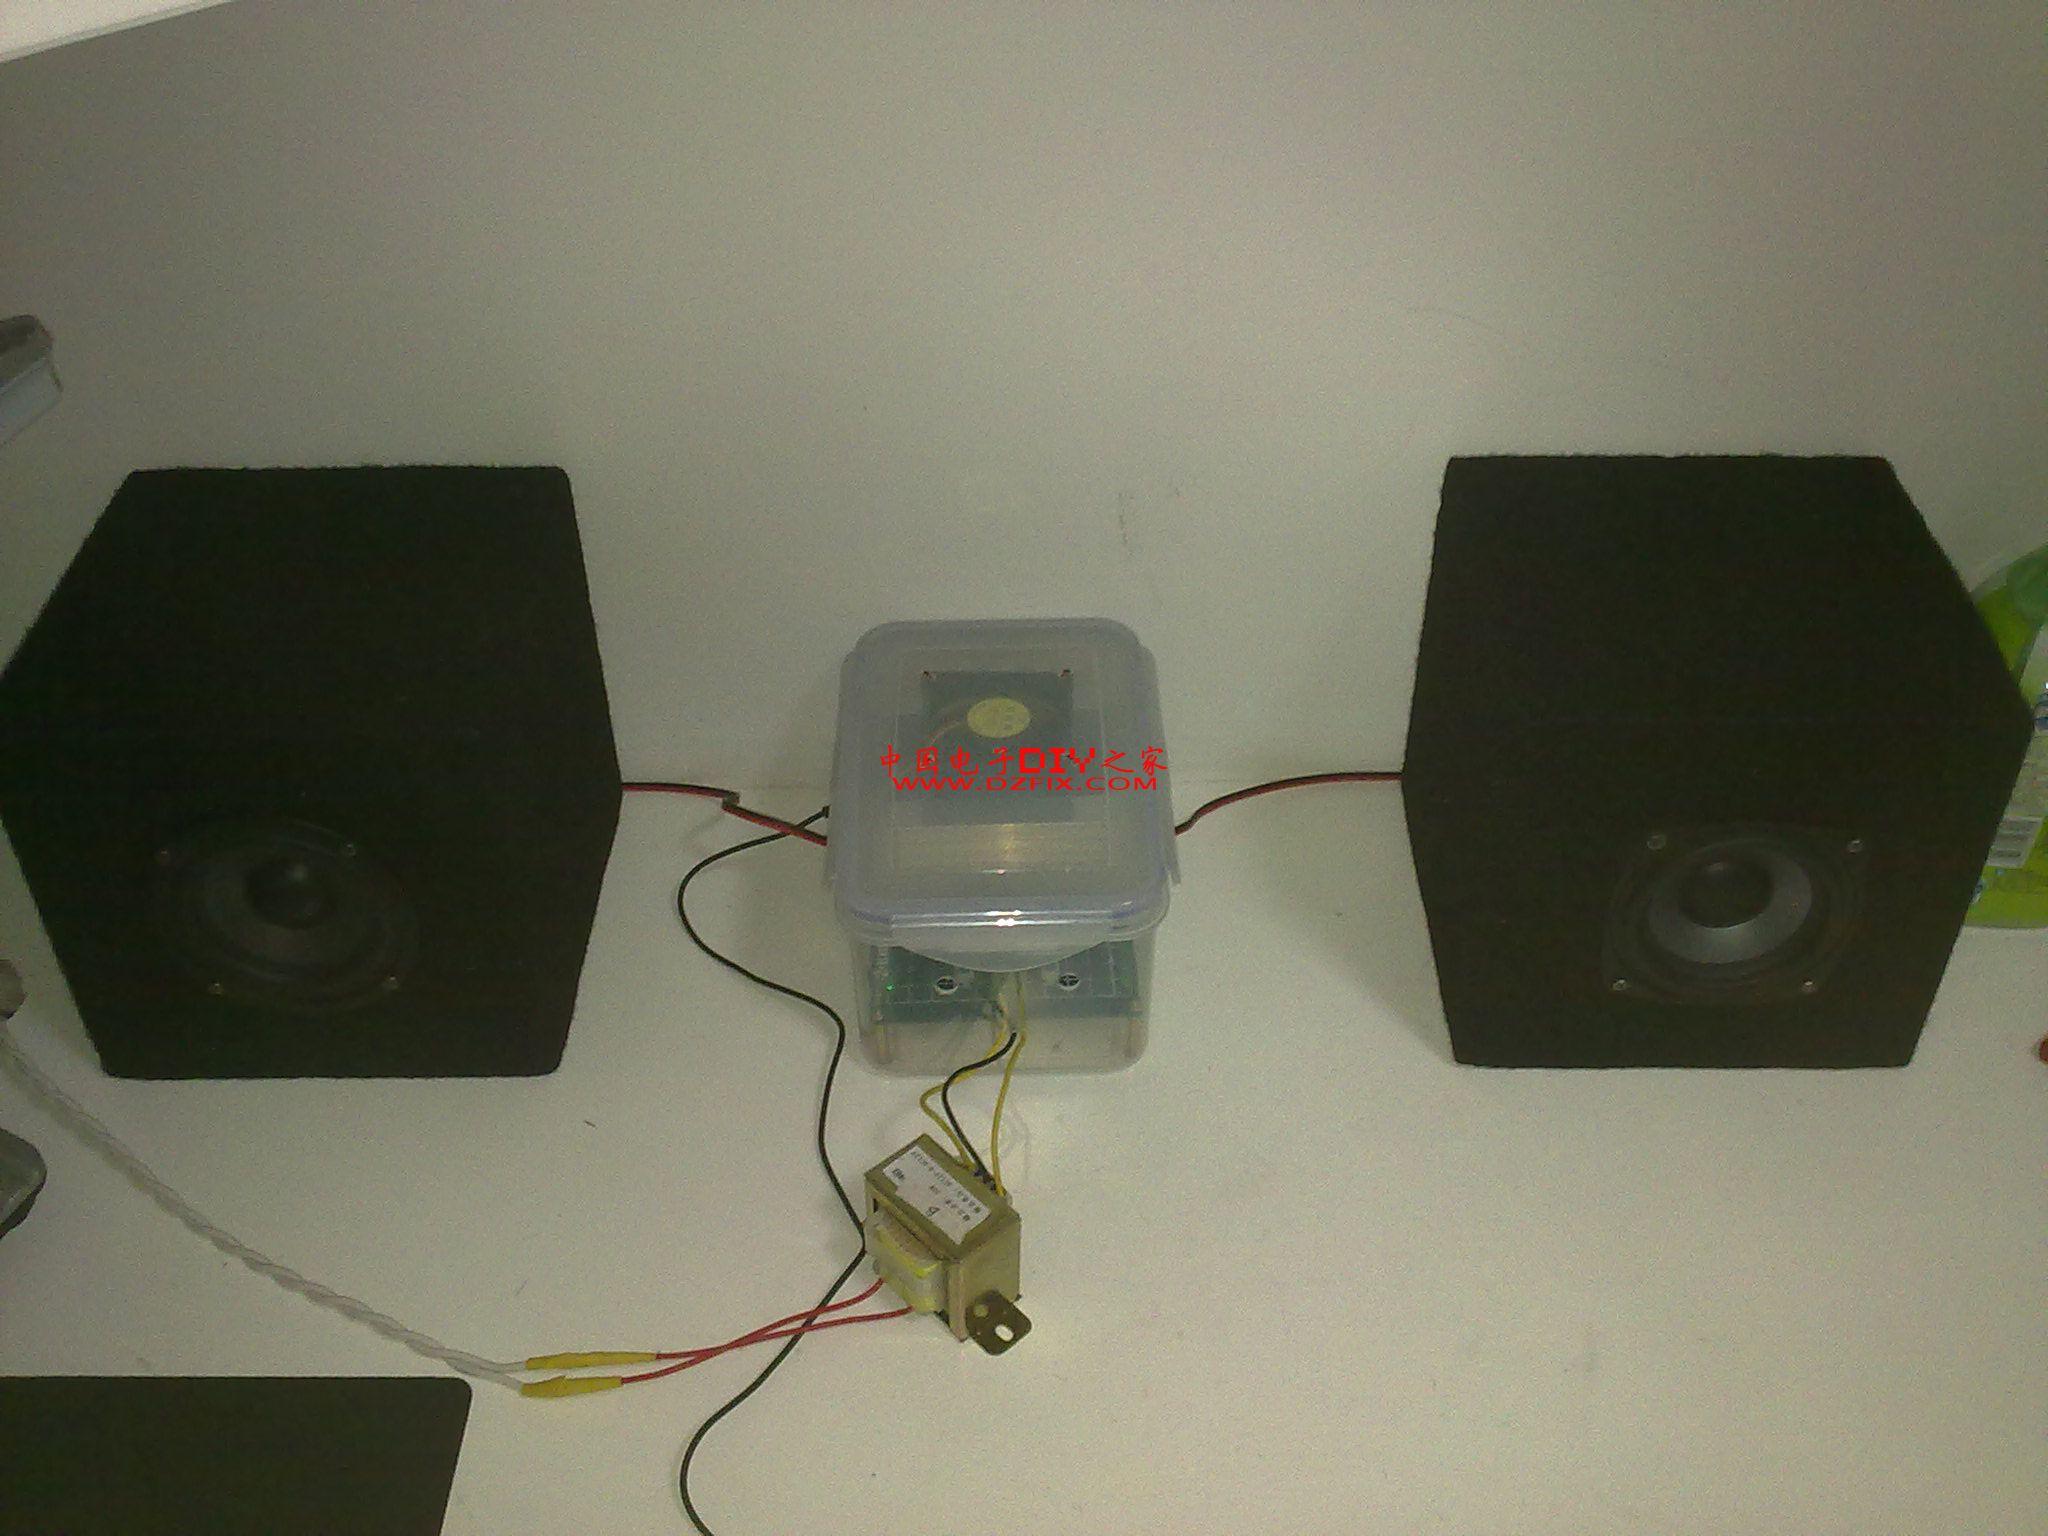 diy tda2030a btl 2.0 电平指示 音响 - 音响/功放